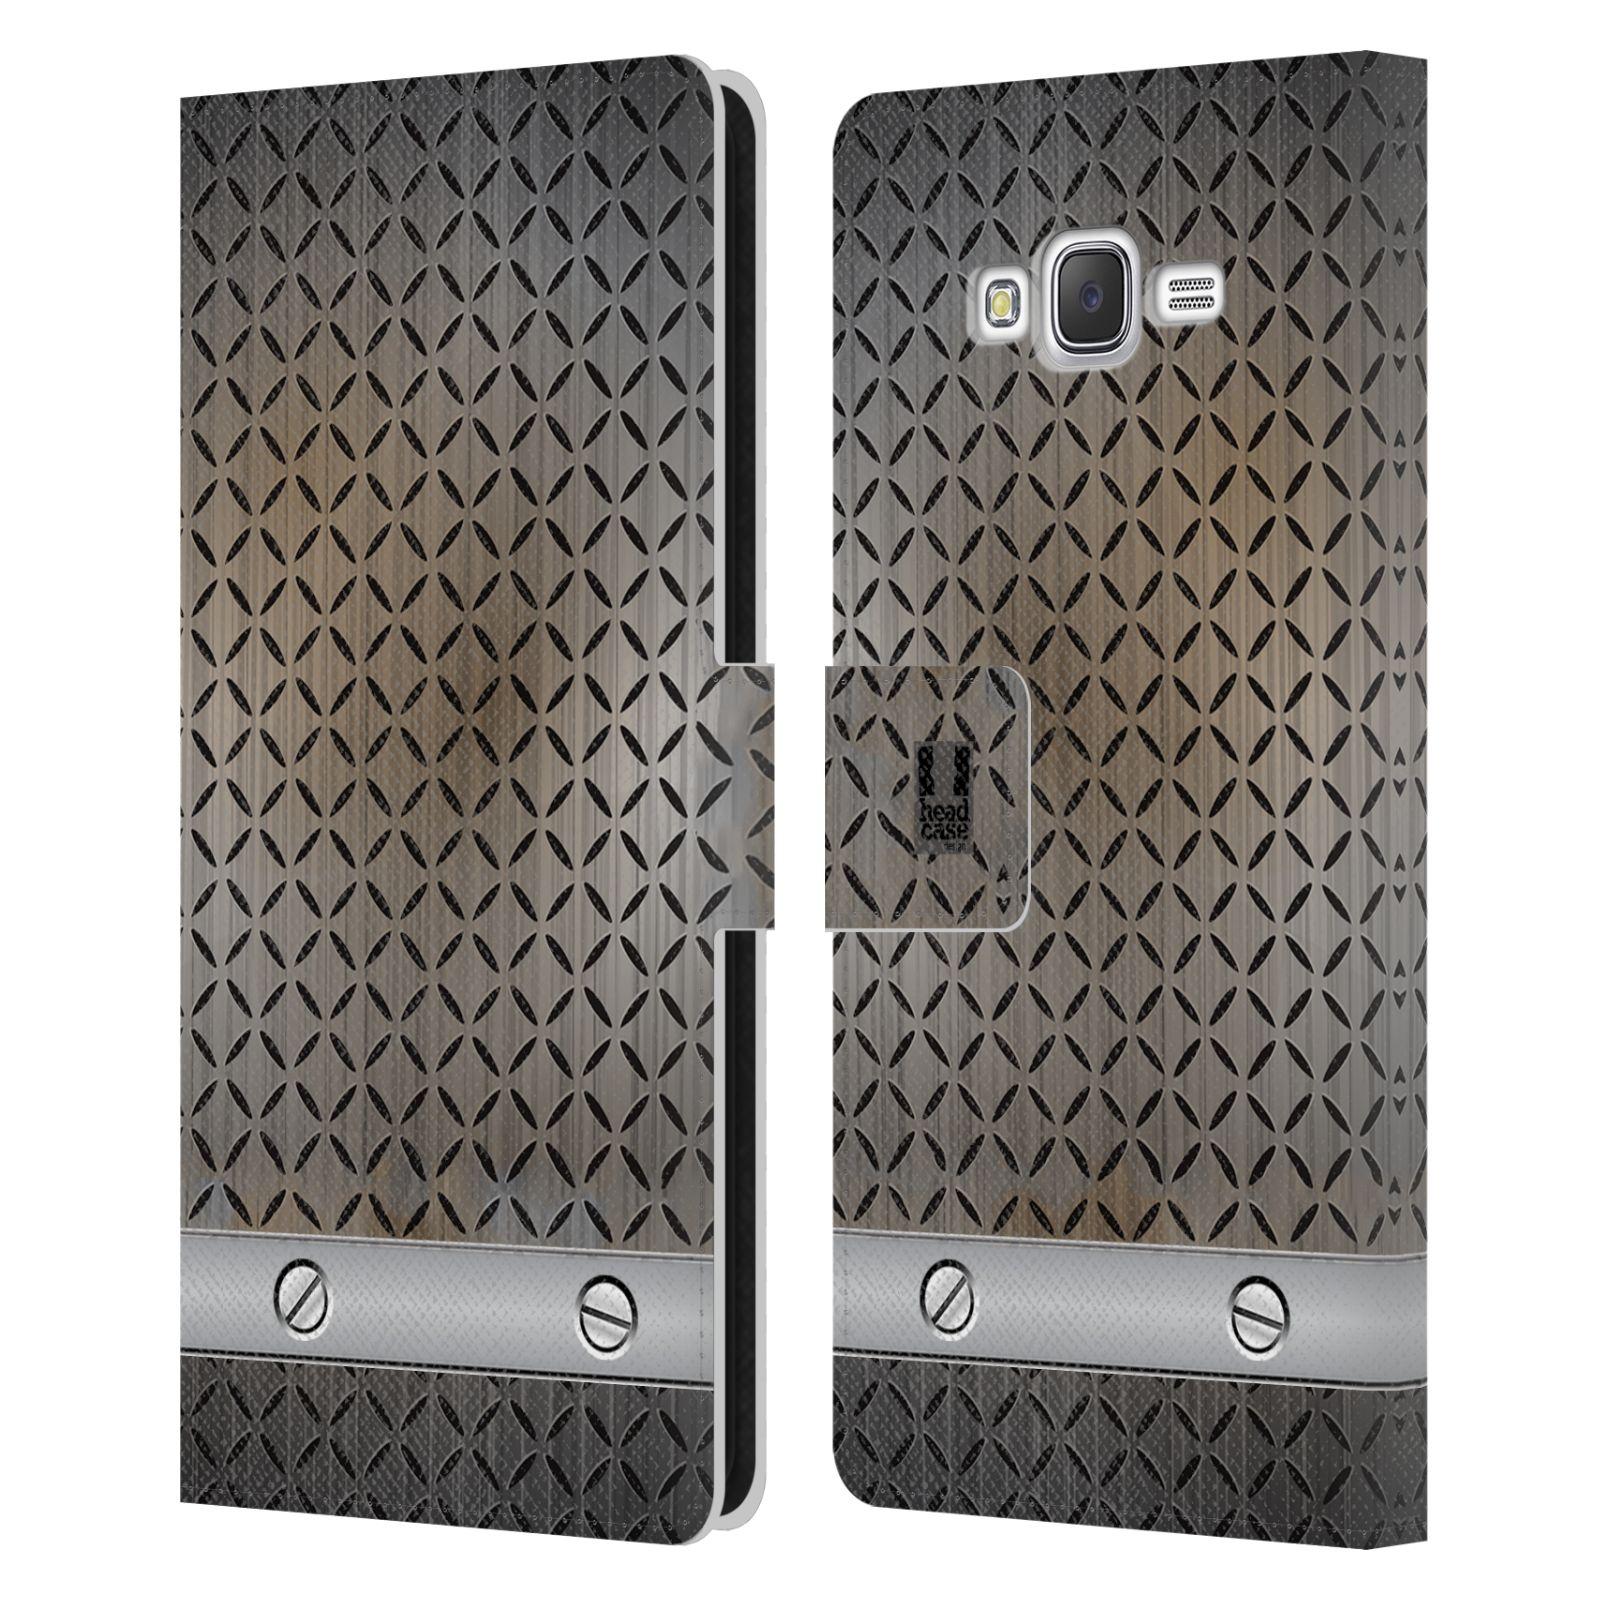 HEAD CASE Flipové pouzdro pro mobil Samsung Galaxy J7, J700 stavební textury železo šedá barva